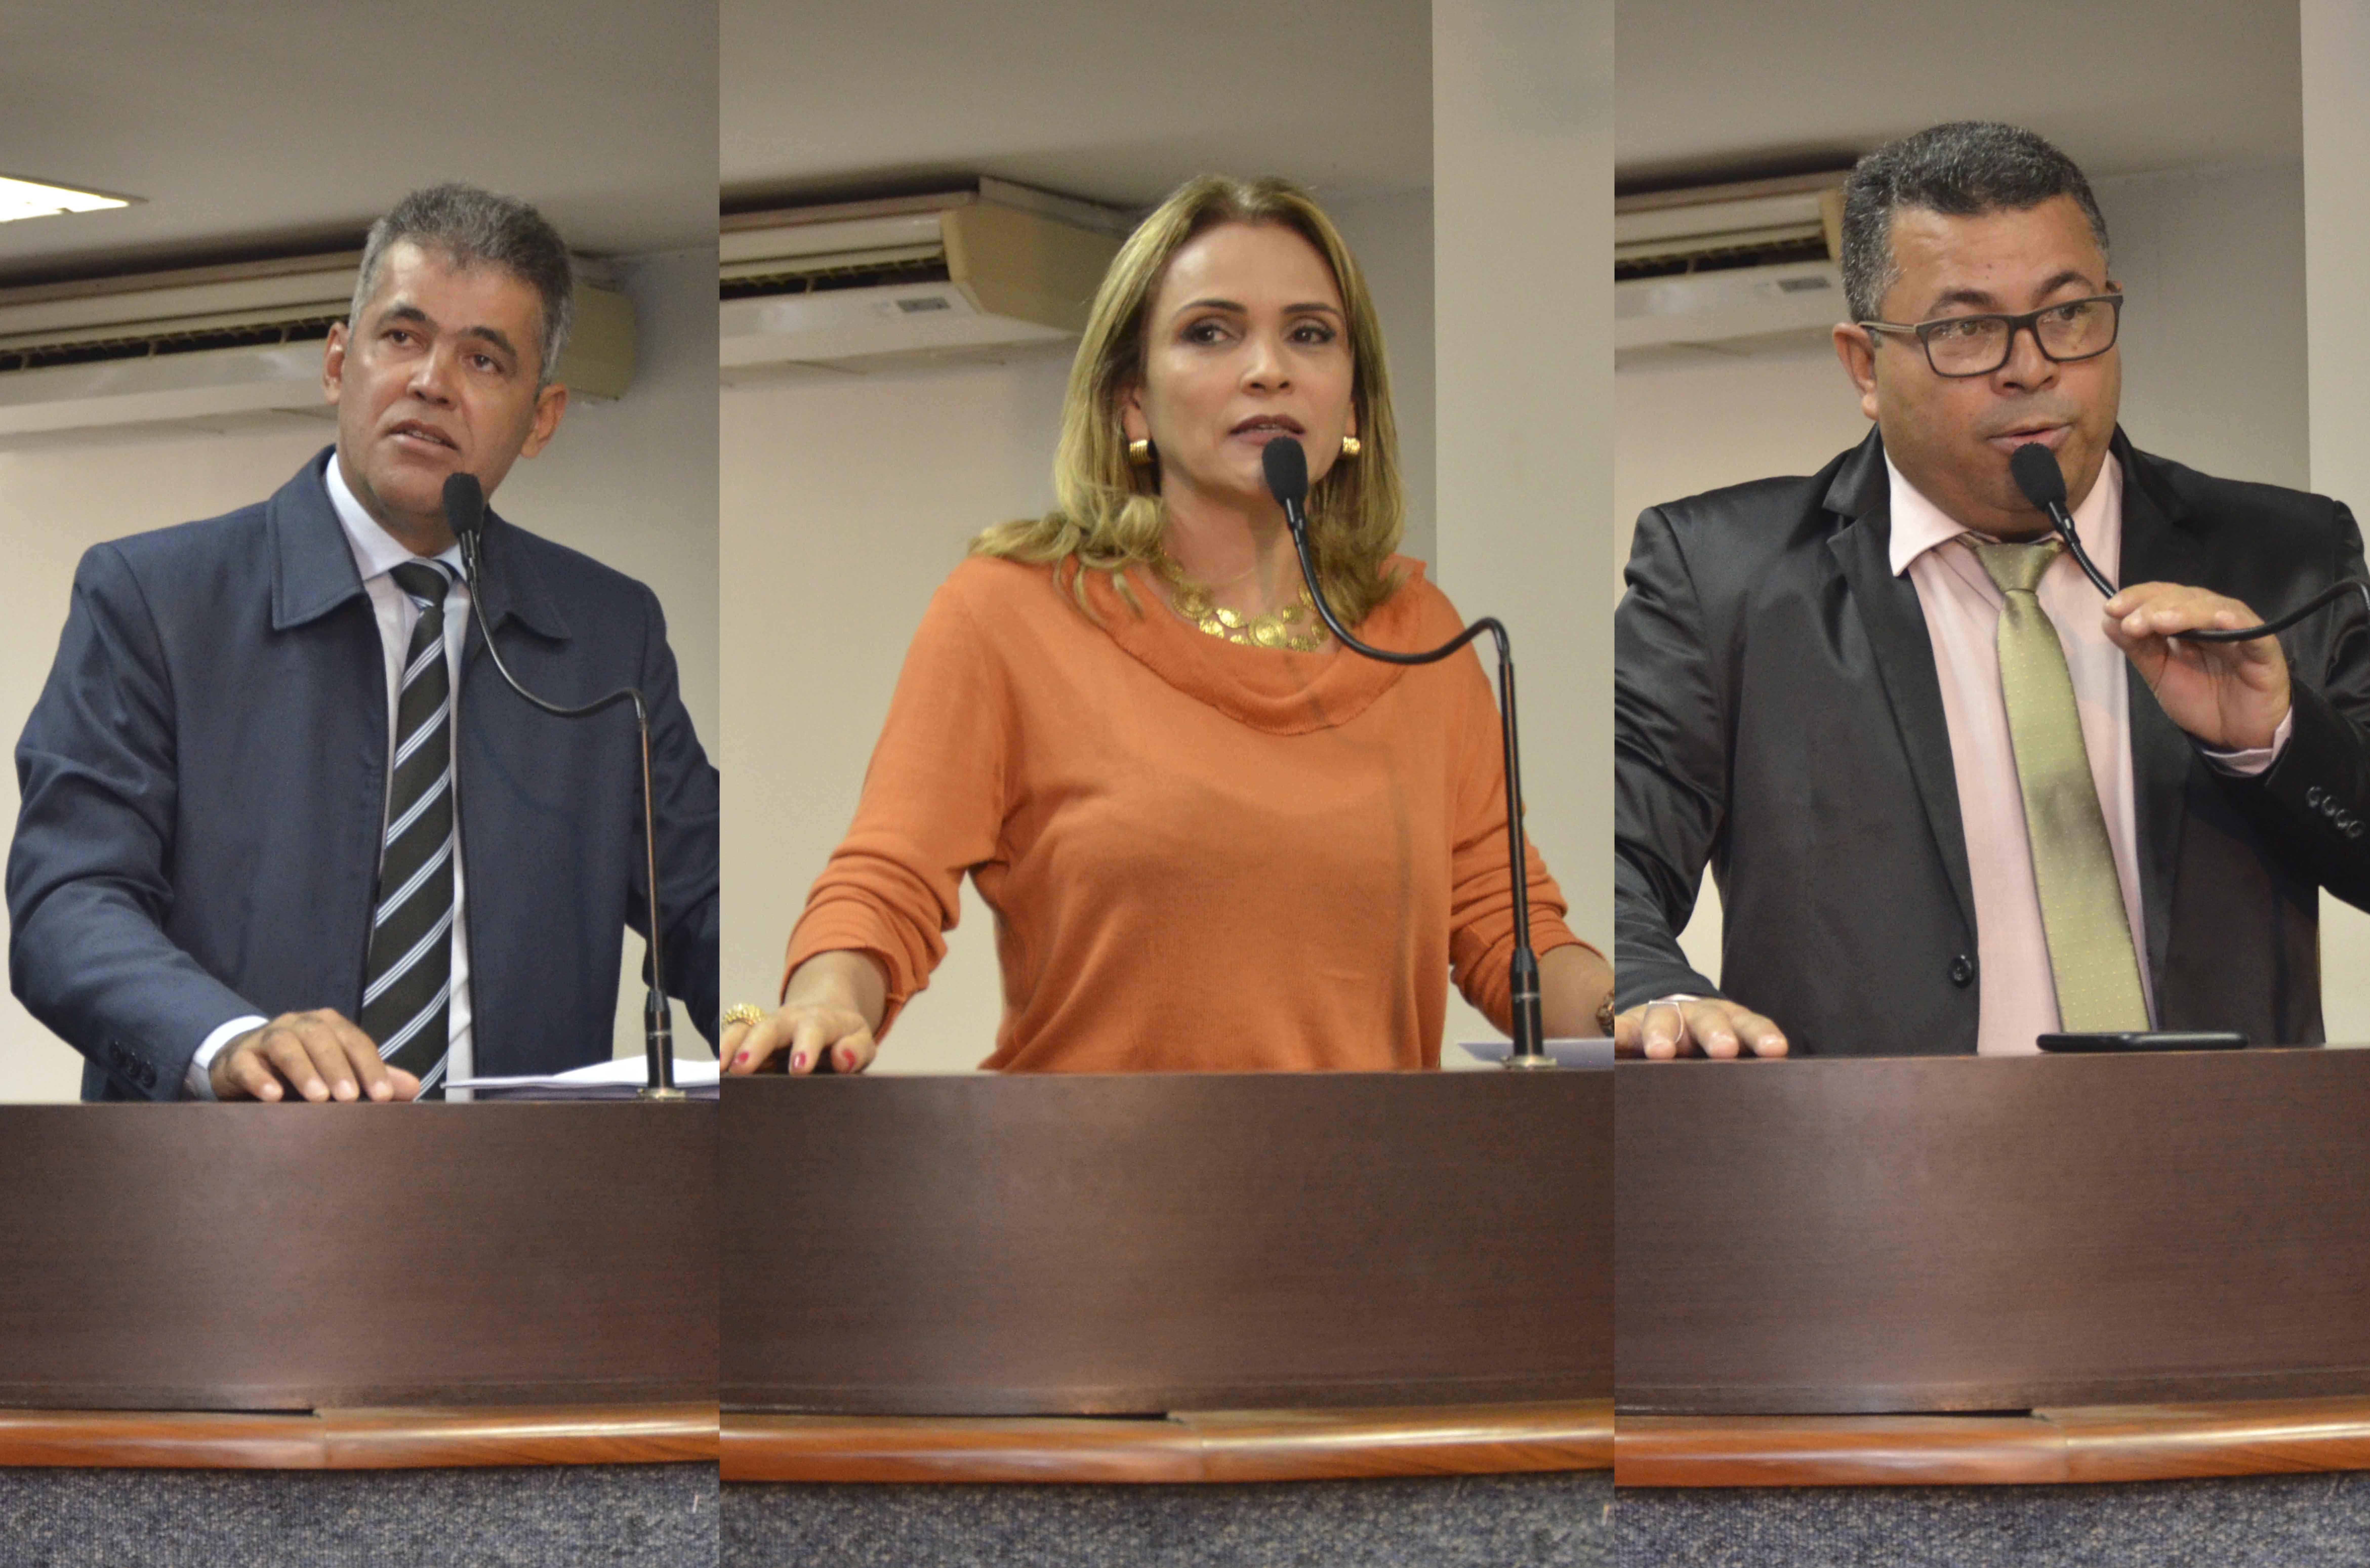 Neris denuncia condições de aterro sanitário. Base da prefeita alega que licenciamento vale até 2021